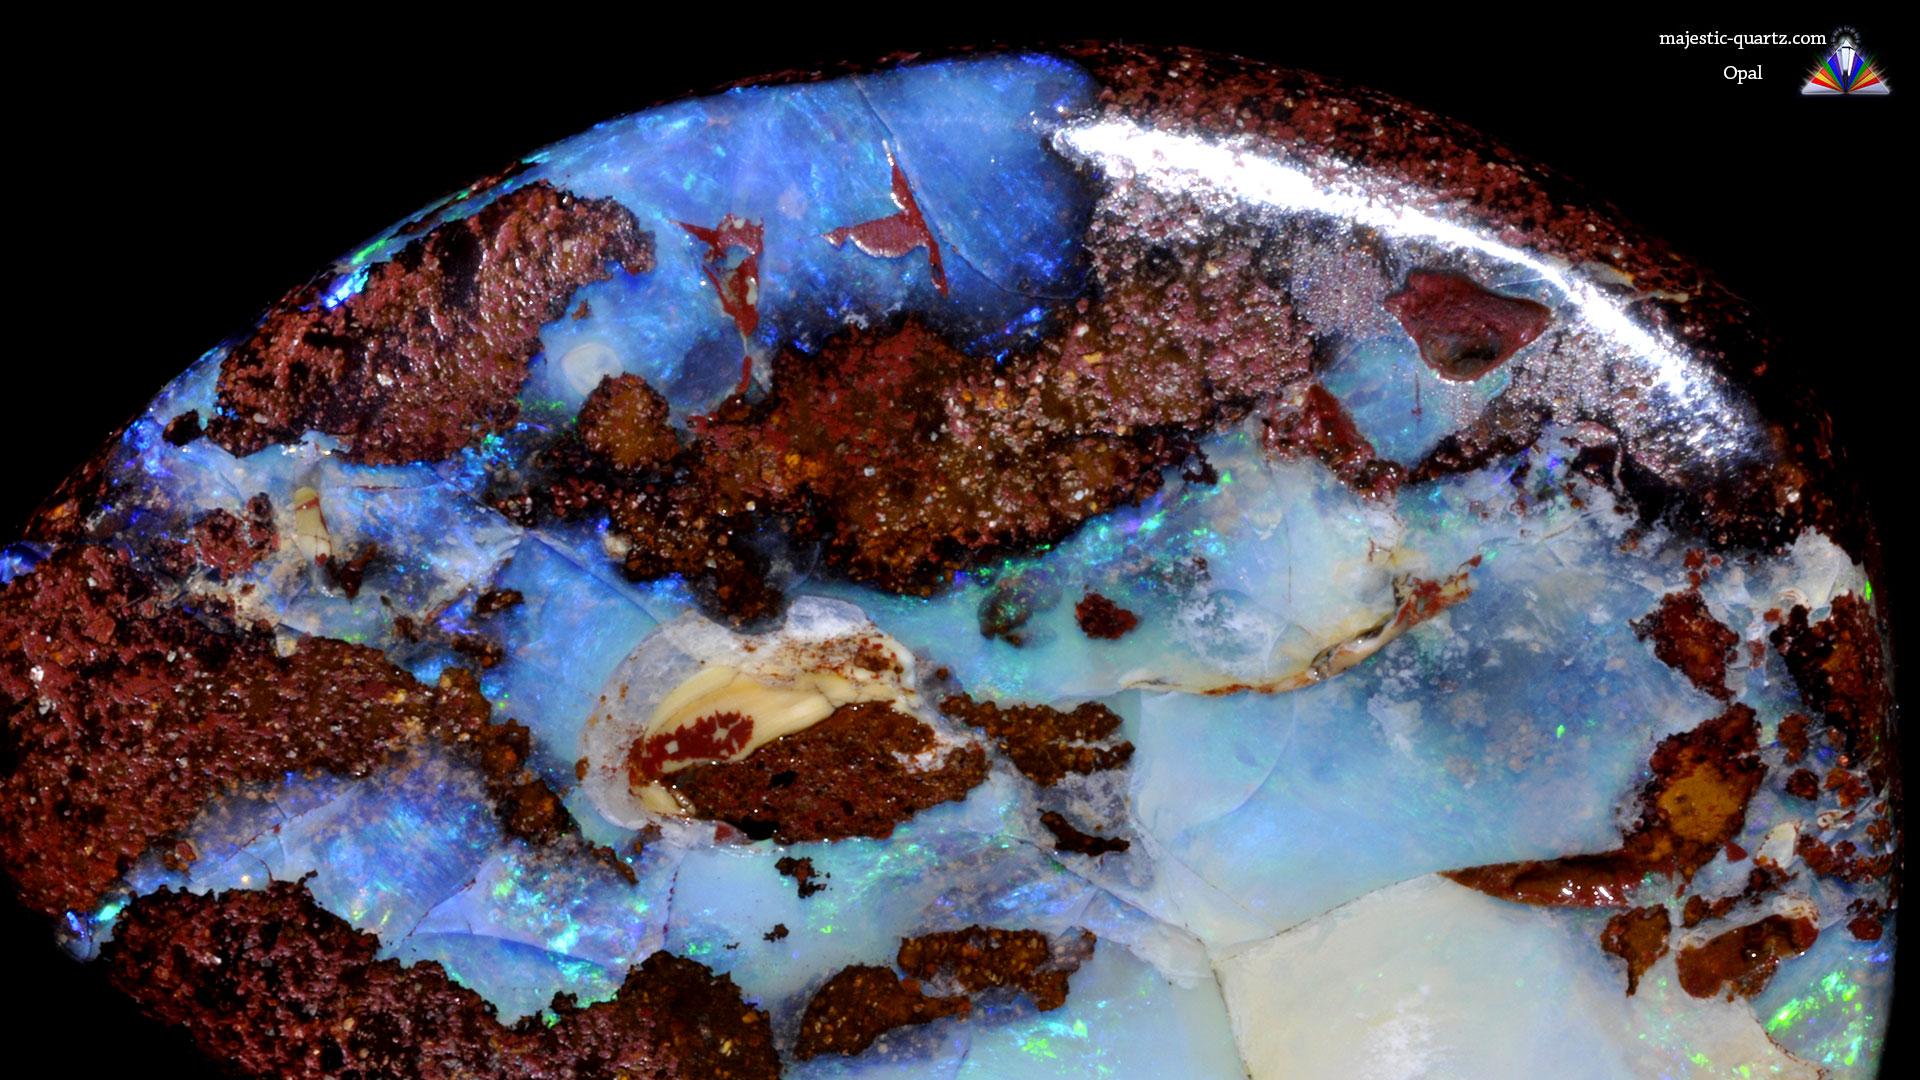 Opal Mineral Specimen